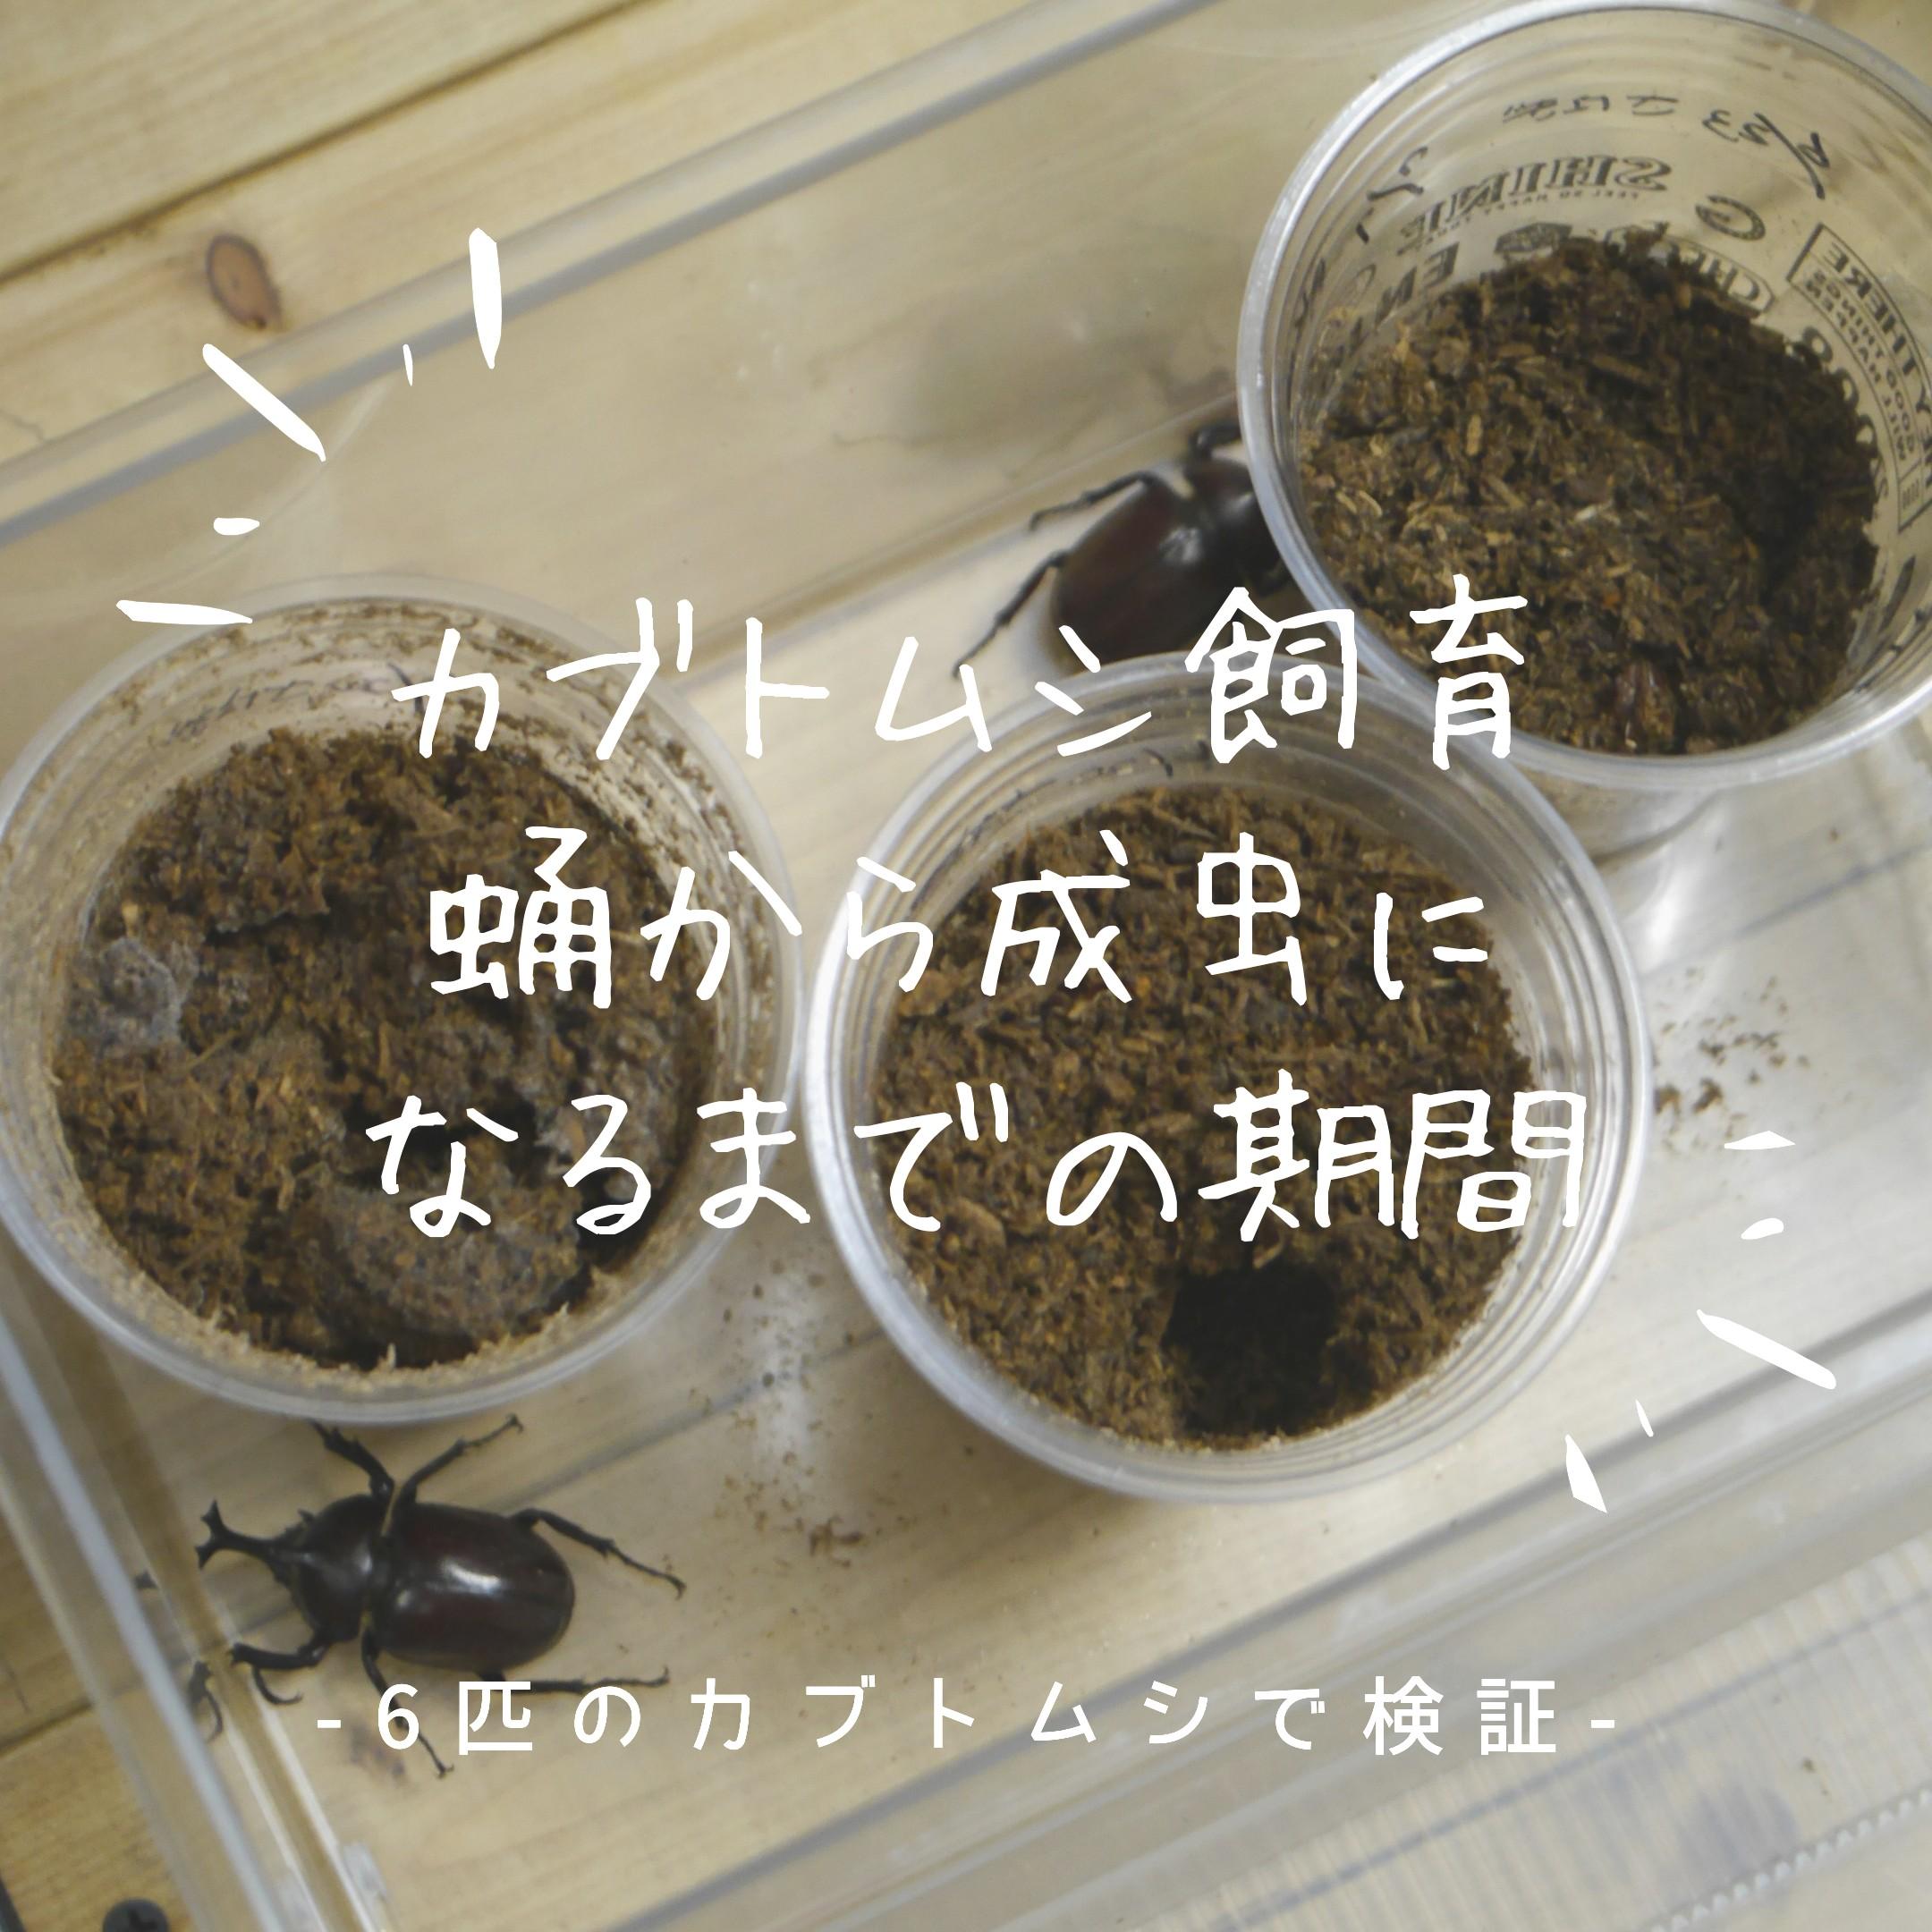 カブトムシの飼育で蛹から成虫になるまでの期間を検証